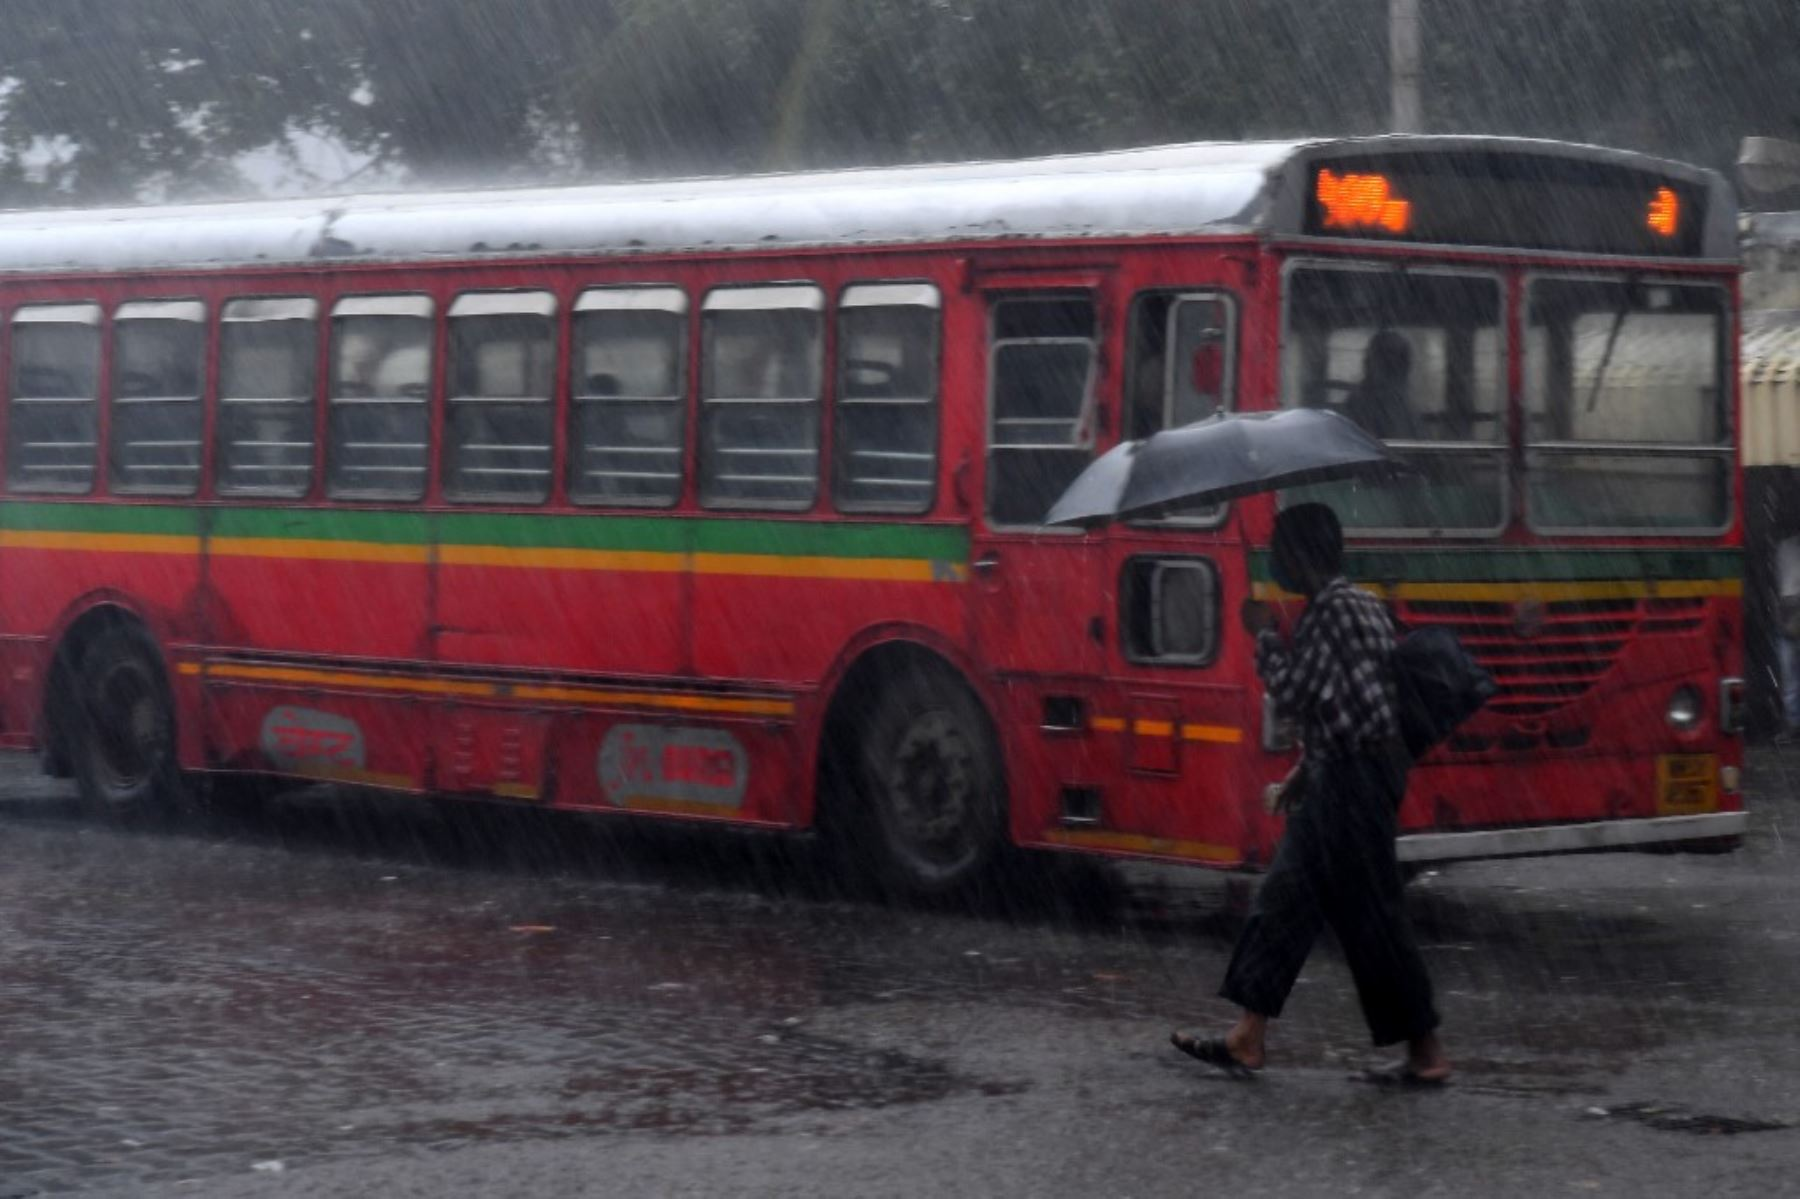 Un pasajero espera su autobús en una terminal en medio de las fuertes lluvias del ciclón Tauktae en Mumbai el 17 de mayo de 2021. Foto: AFP